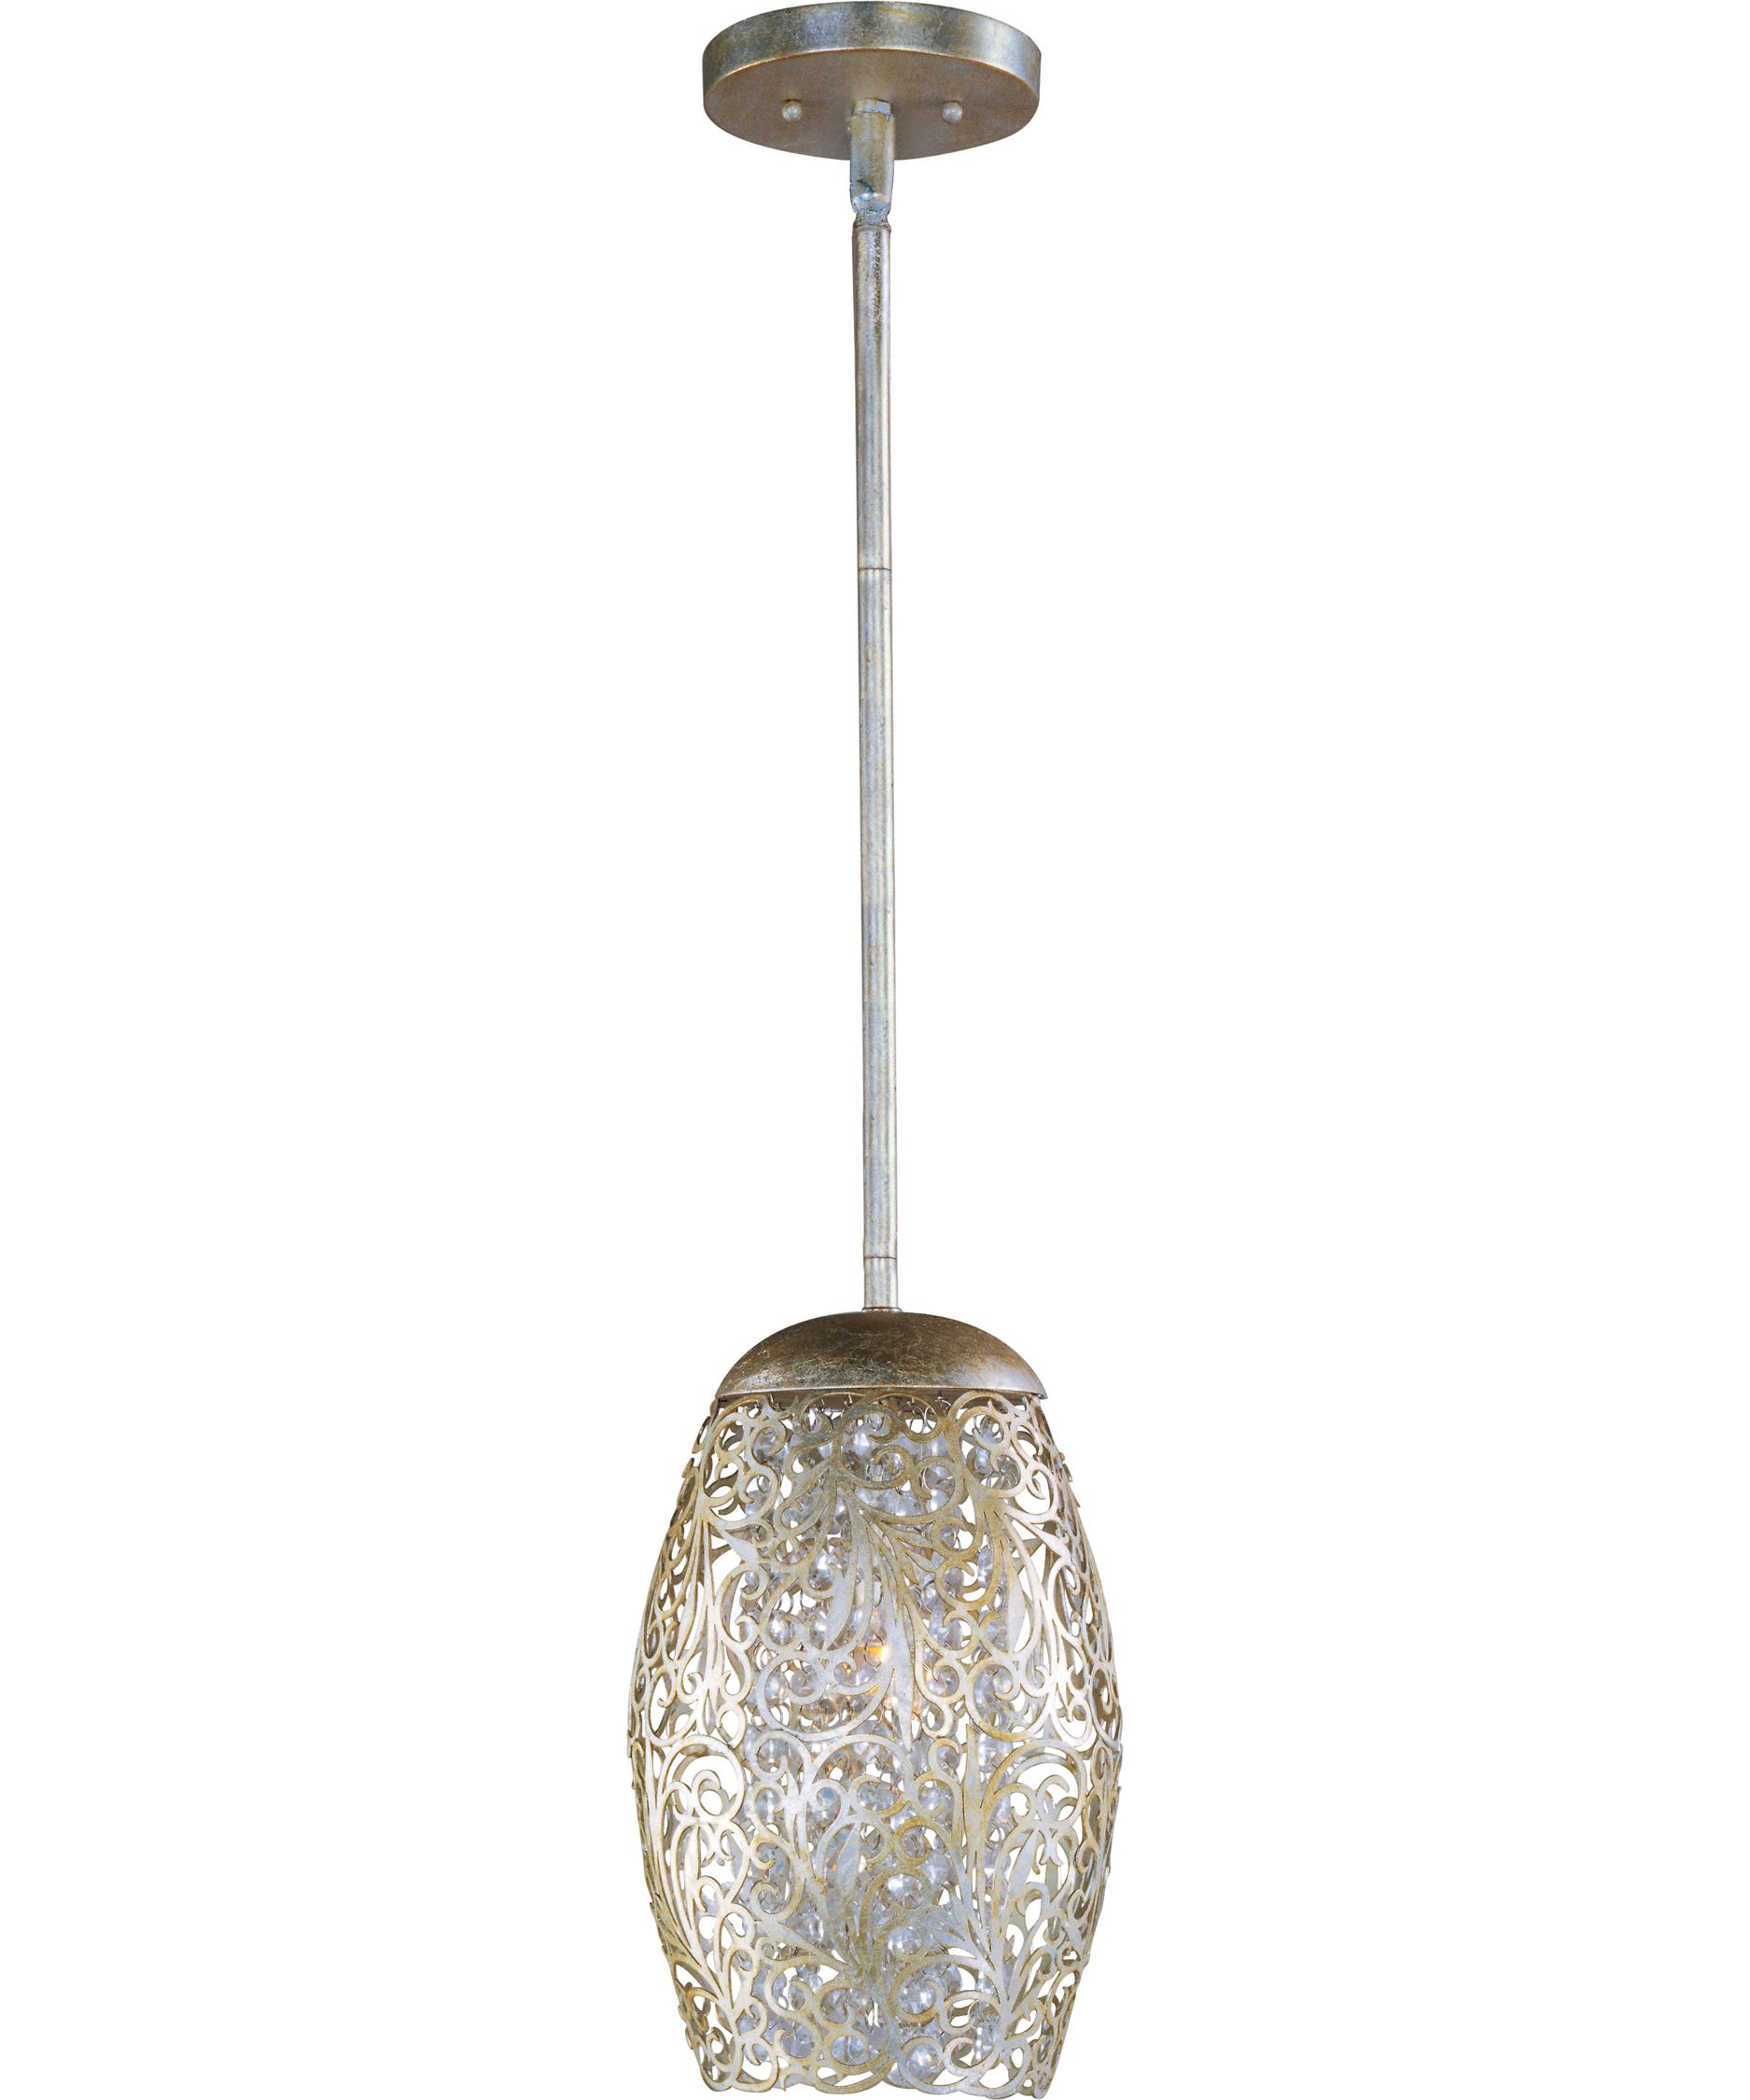 modern mini pendant lighting. shown in golden silver finish and beveled crystal modern mini pendant lighting